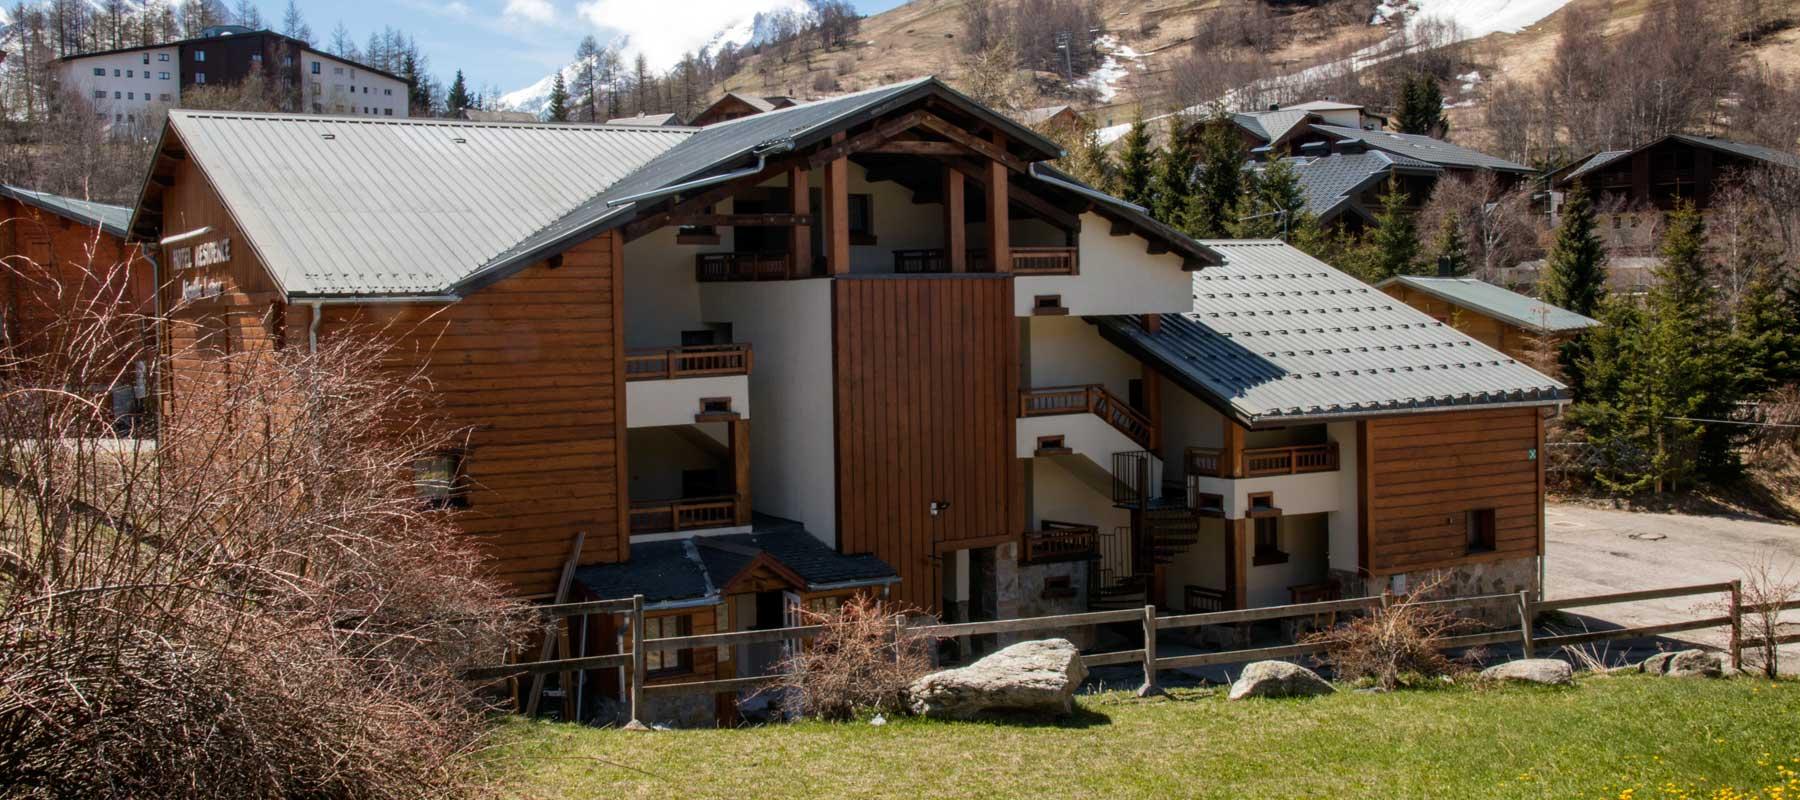 MoreStyleChalet - Les 2 Alpes - Les Deux Alpes